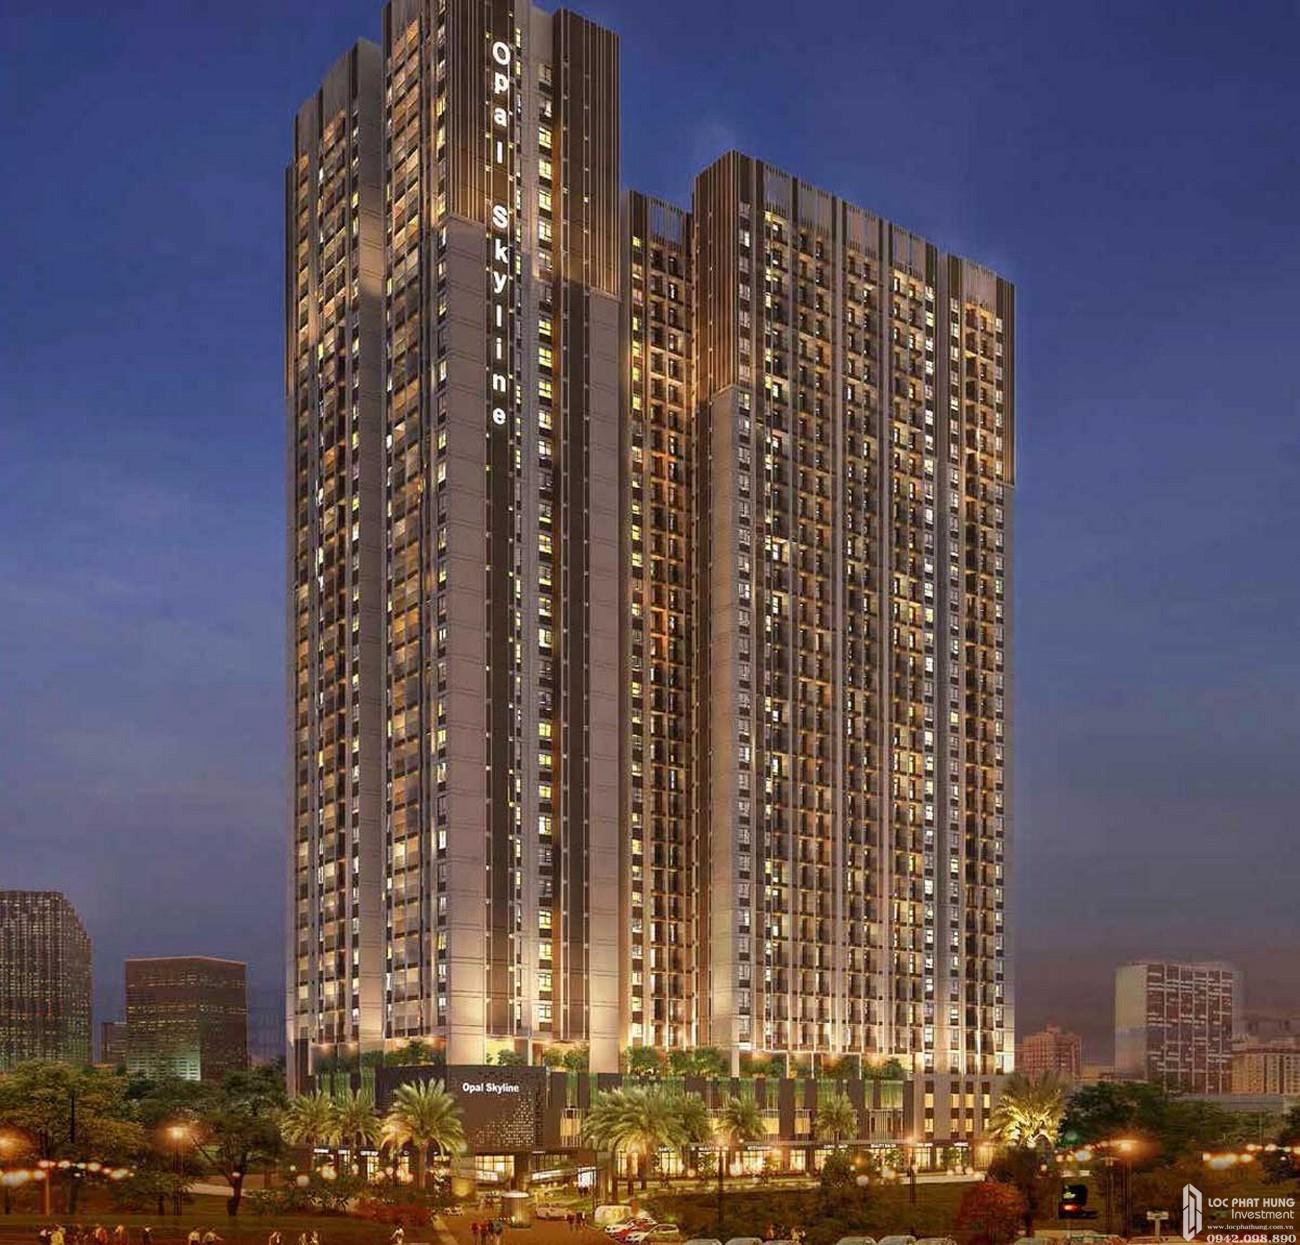 Phối cảnh tổng thể dự án Căn Hộ chung cư Opal Skyline Thuận An Đường Quốc lộ 13 chủ đầu tư Đất Xanh Group